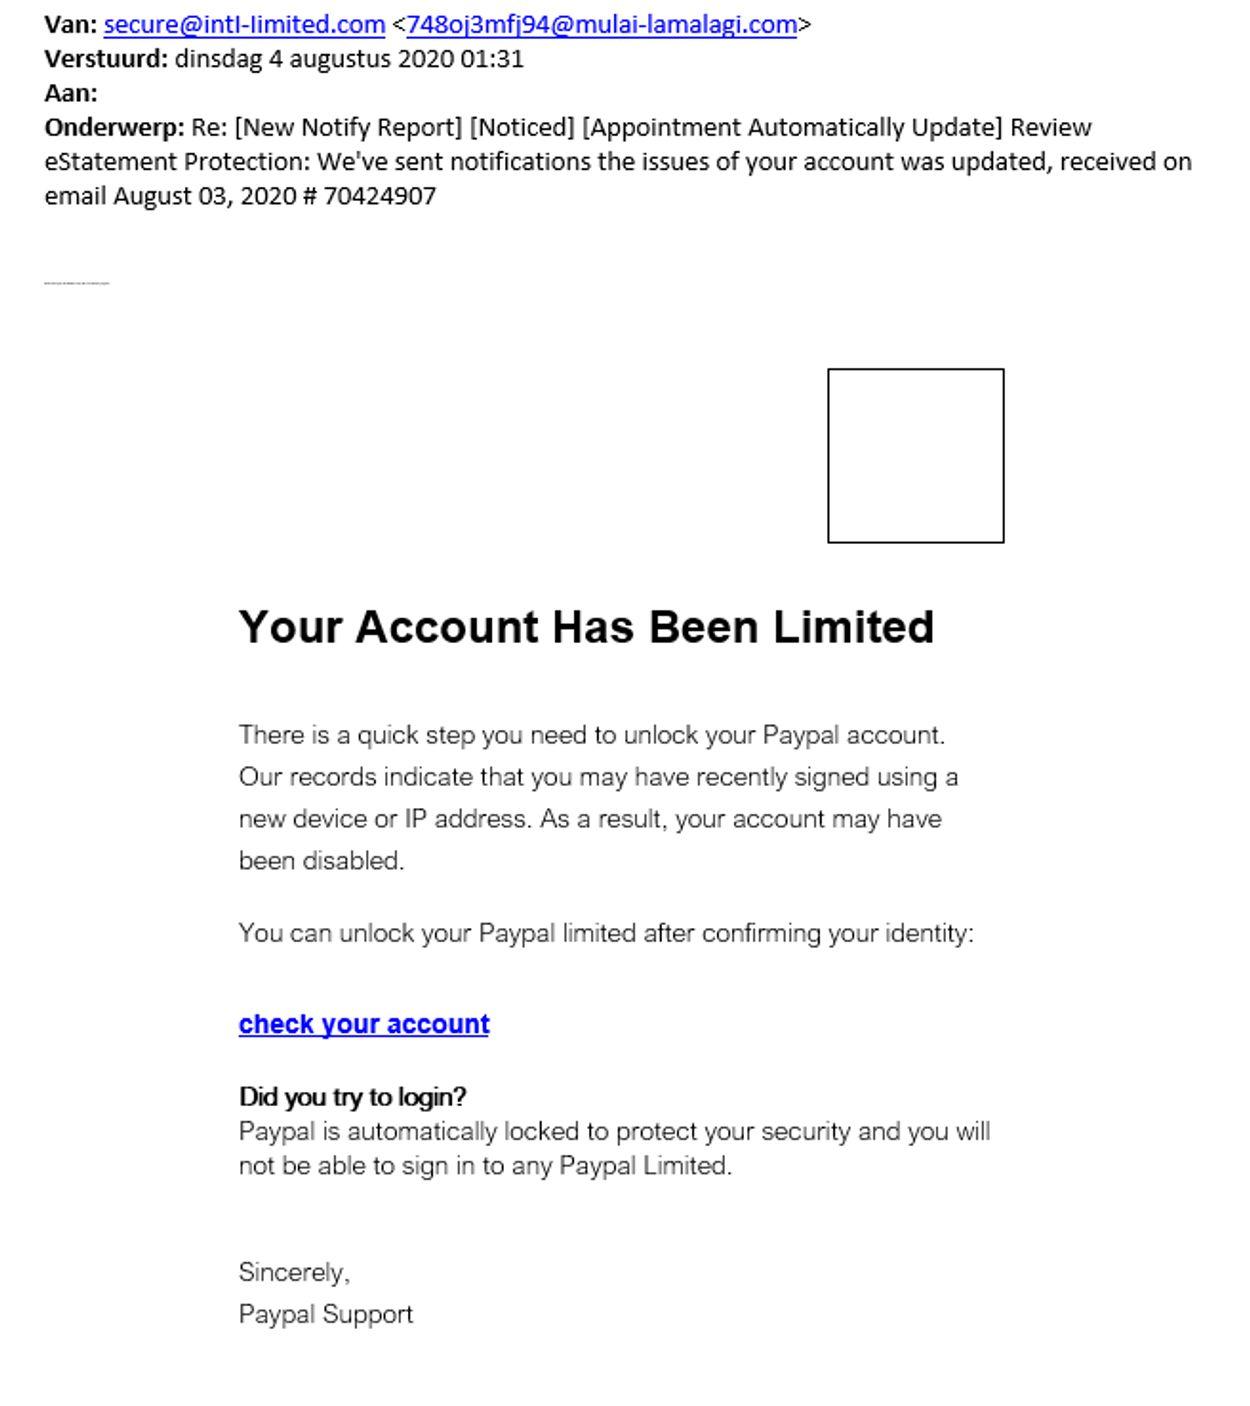 phishingmail paypal 4 augustus 2020